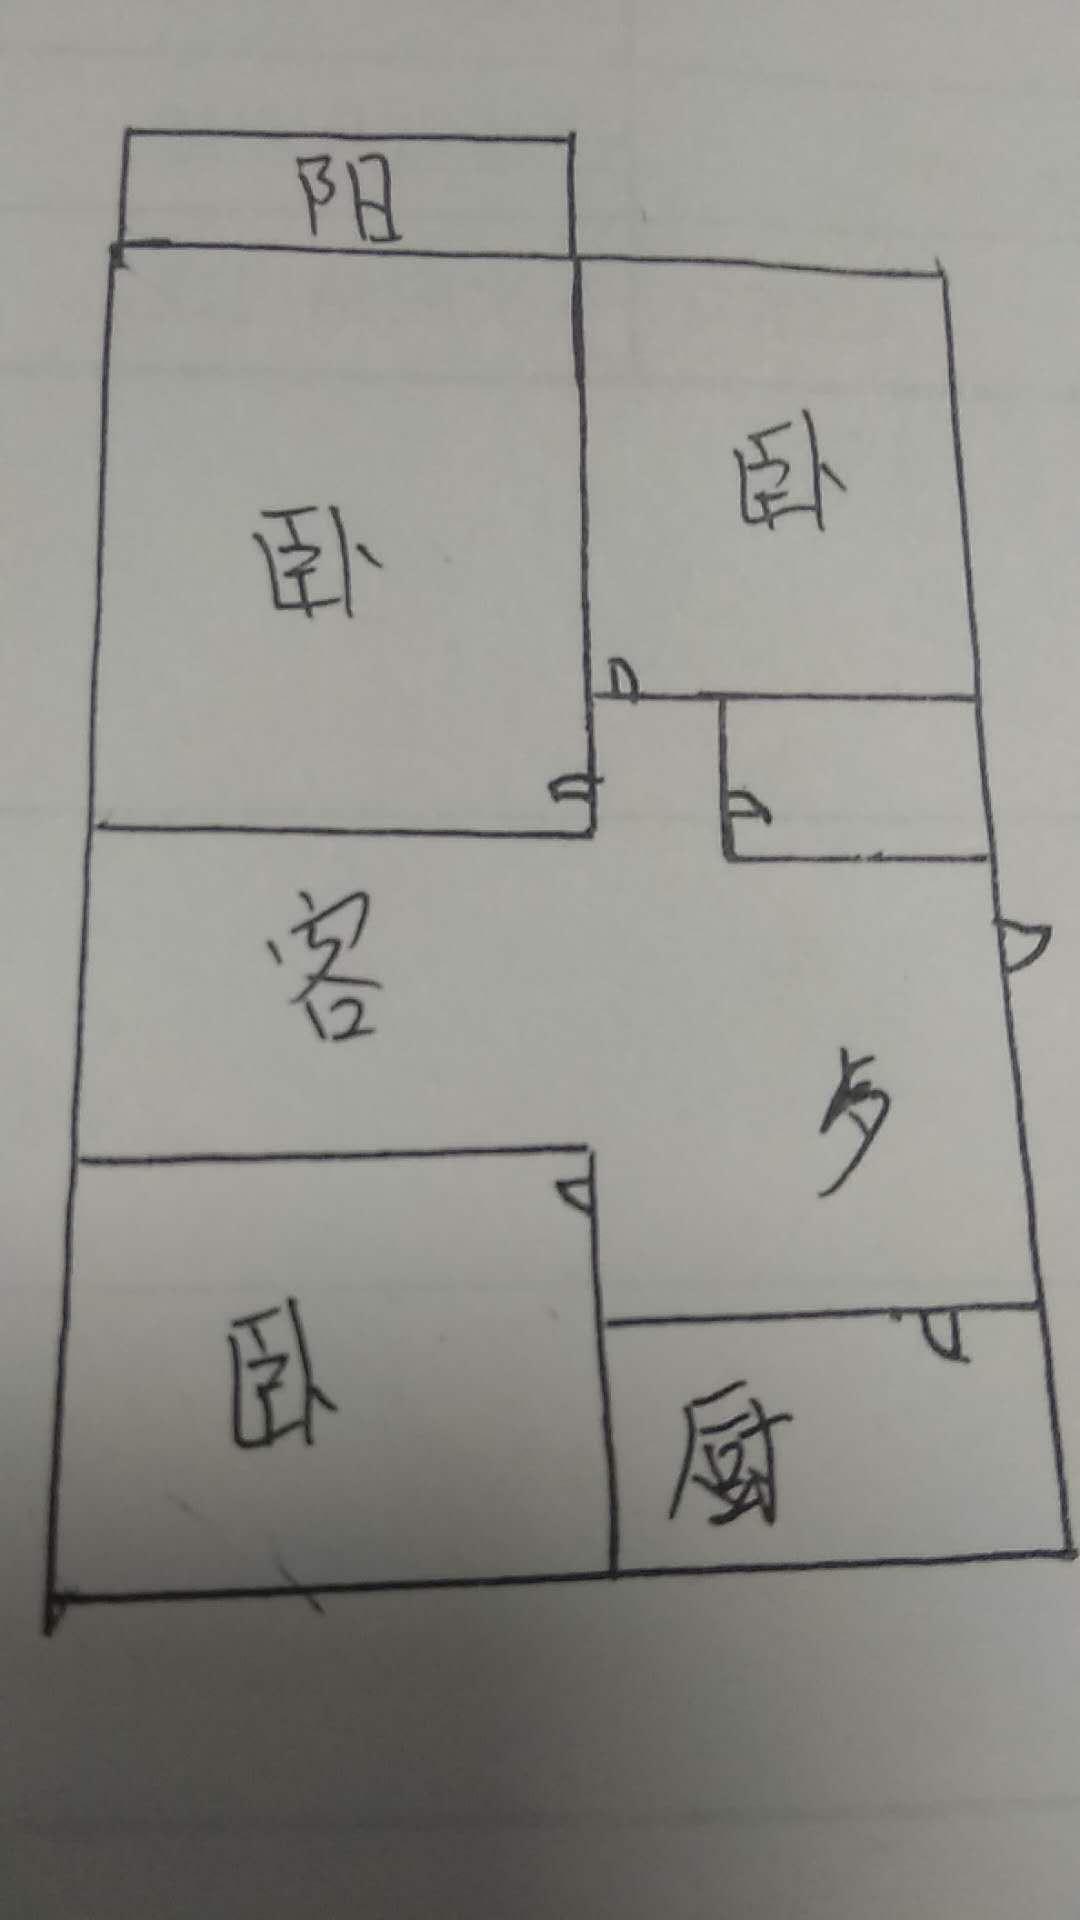 碧水温泉 3室2厅 5楼